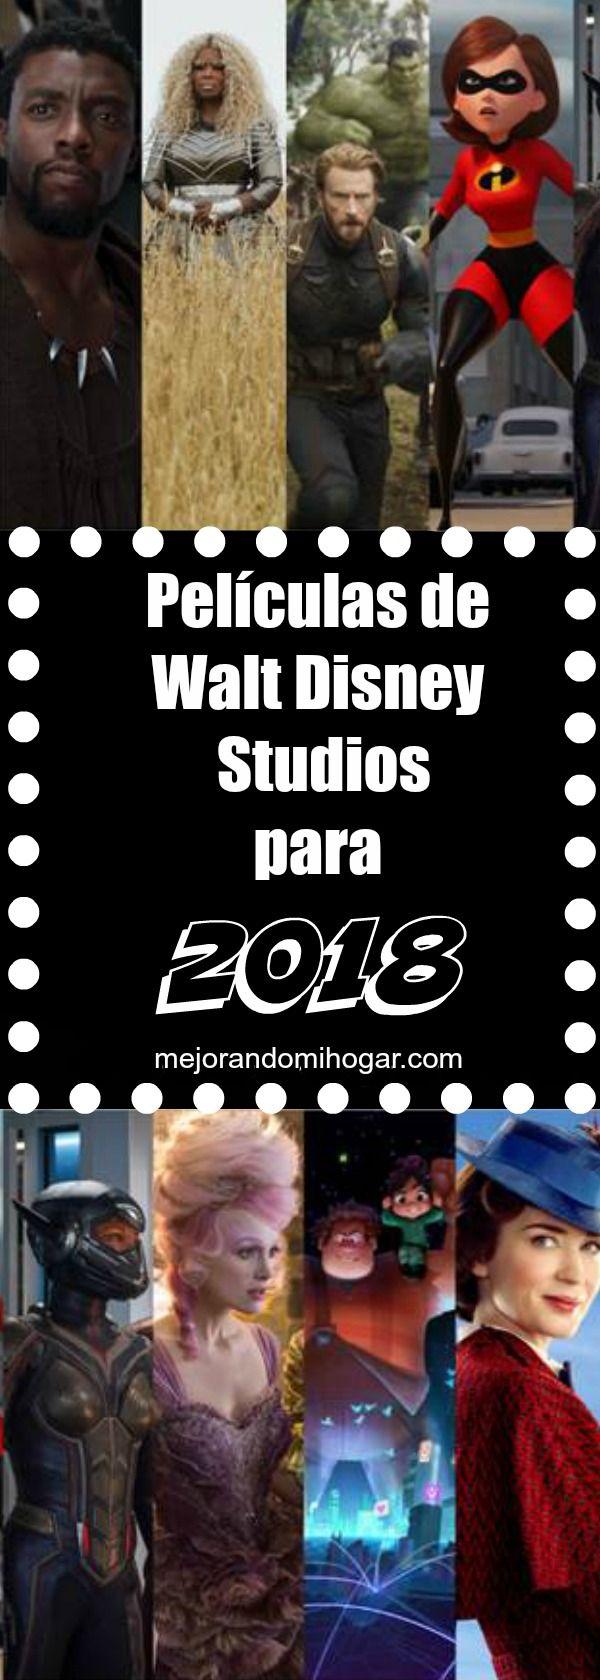 Estrenos de películas de Walt Disney Studios, Disney/Pixar, Marvel y Lucasfilm para el 2018.